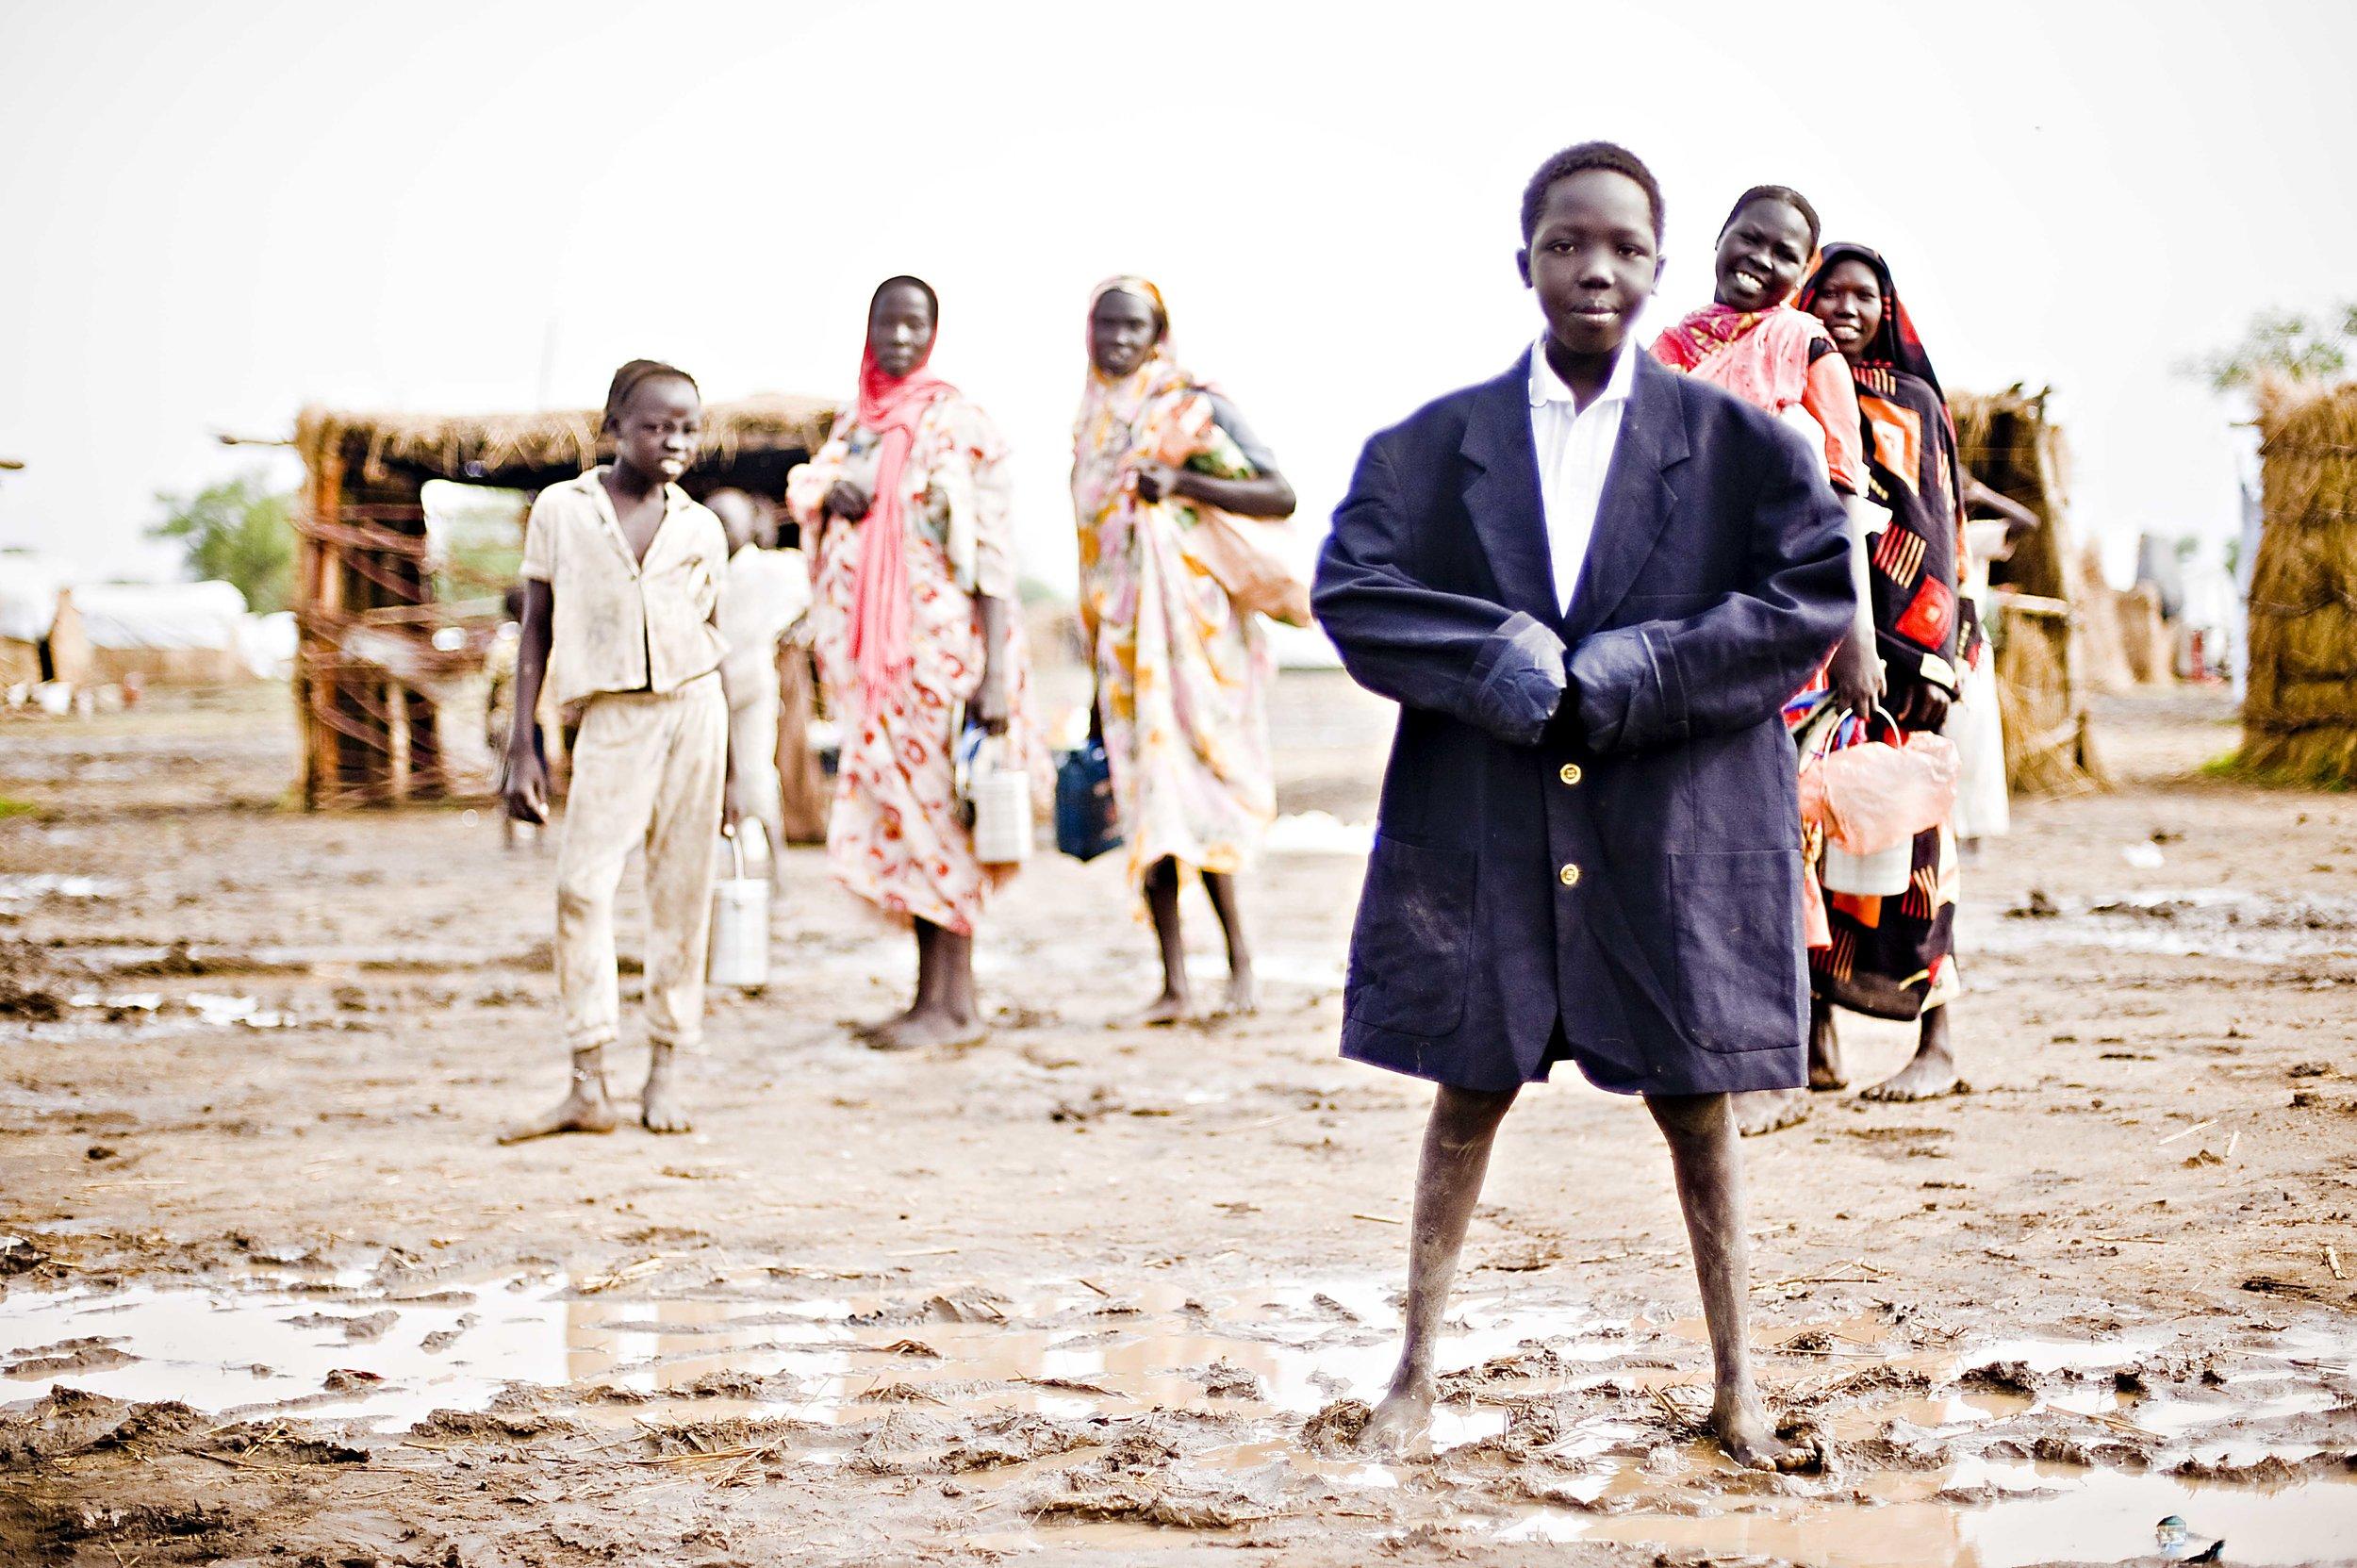 S.Sudan-J.Ferguson26.jpg